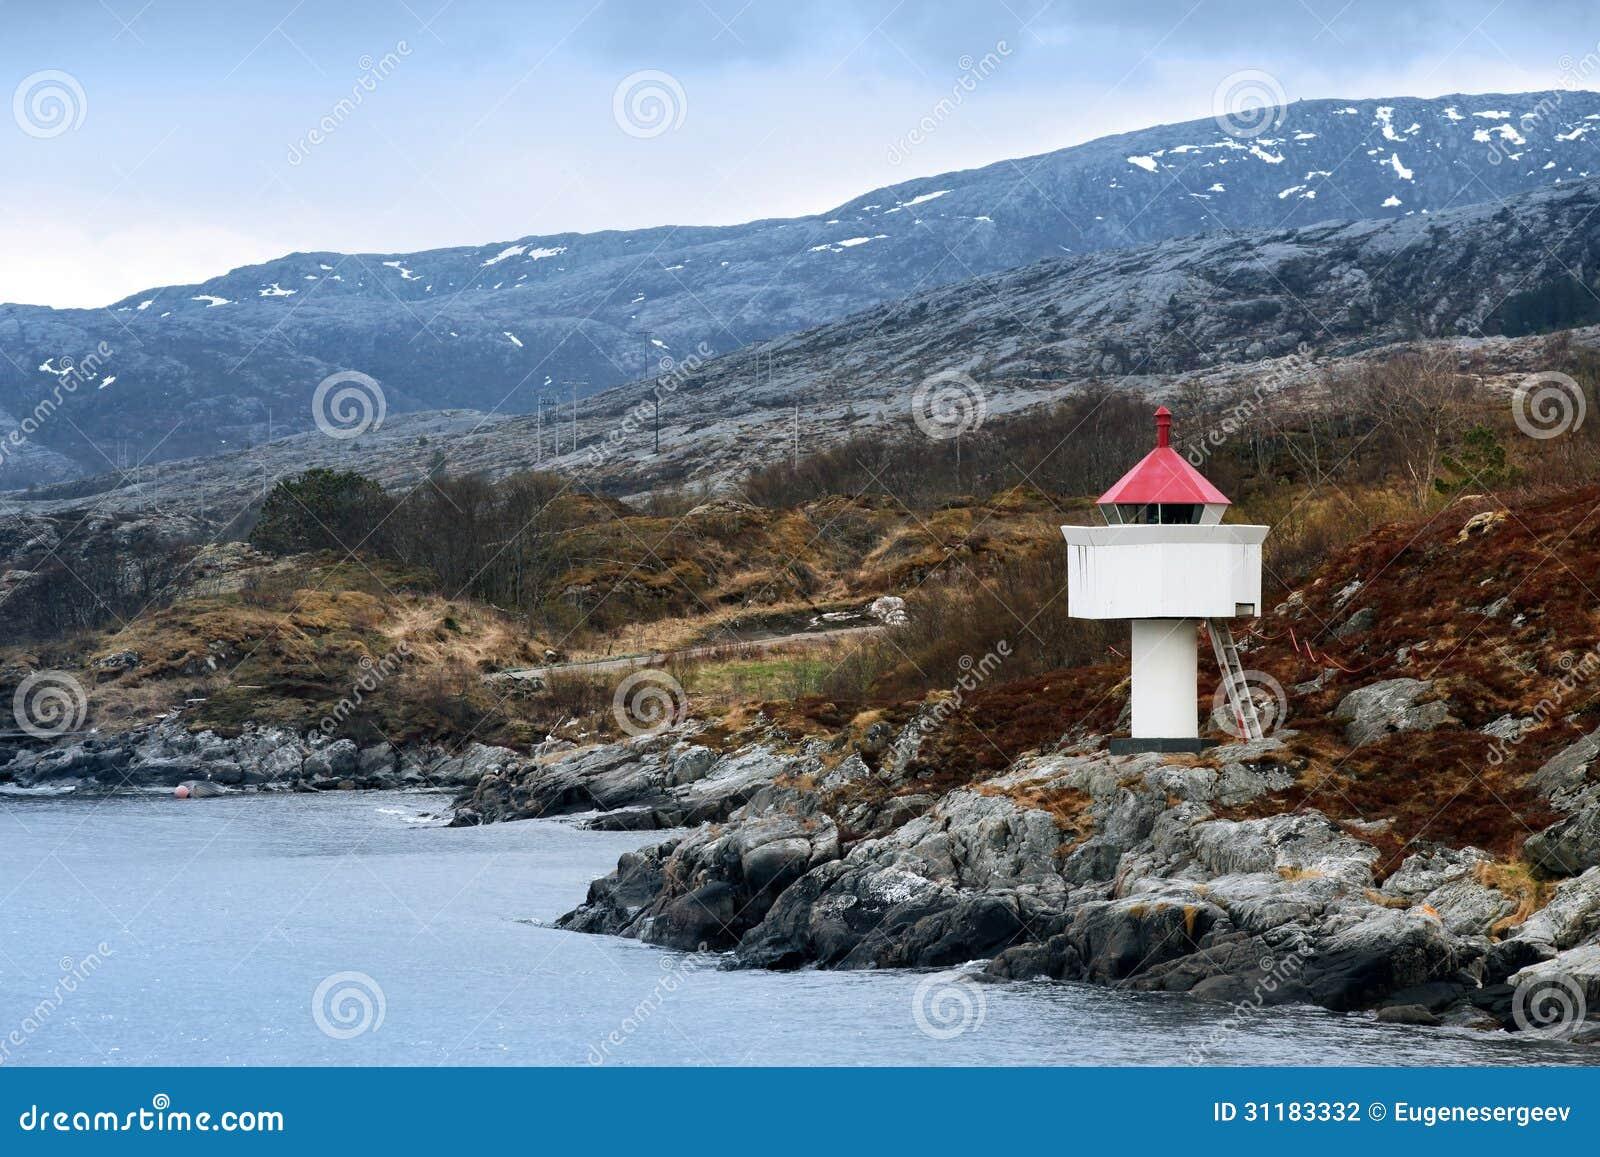 Norwegischer Leuchtturm. Weißer Turm mit roter Spitze